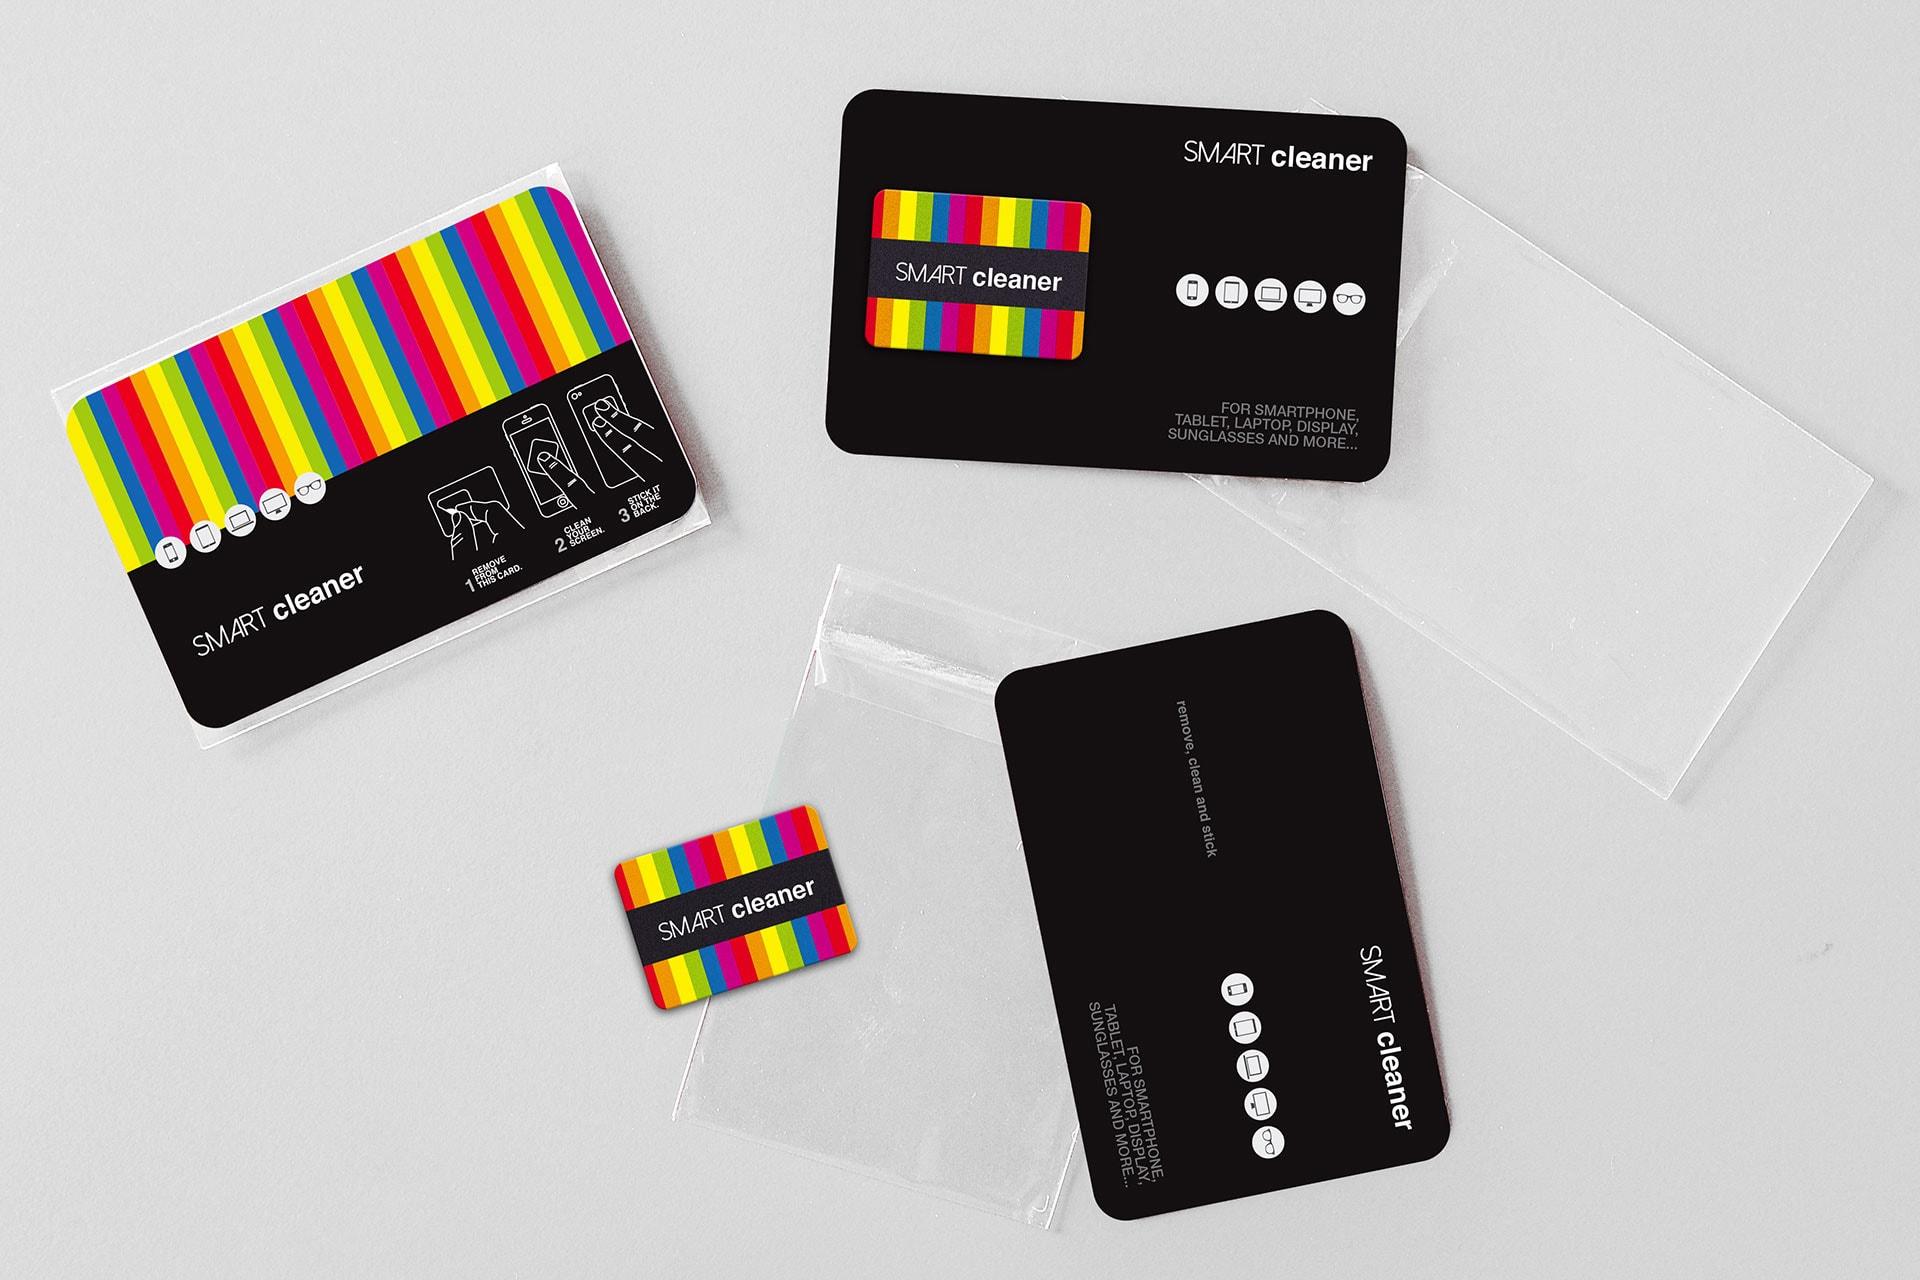 Pulisci schermo attacca stacca personalizzabile con card